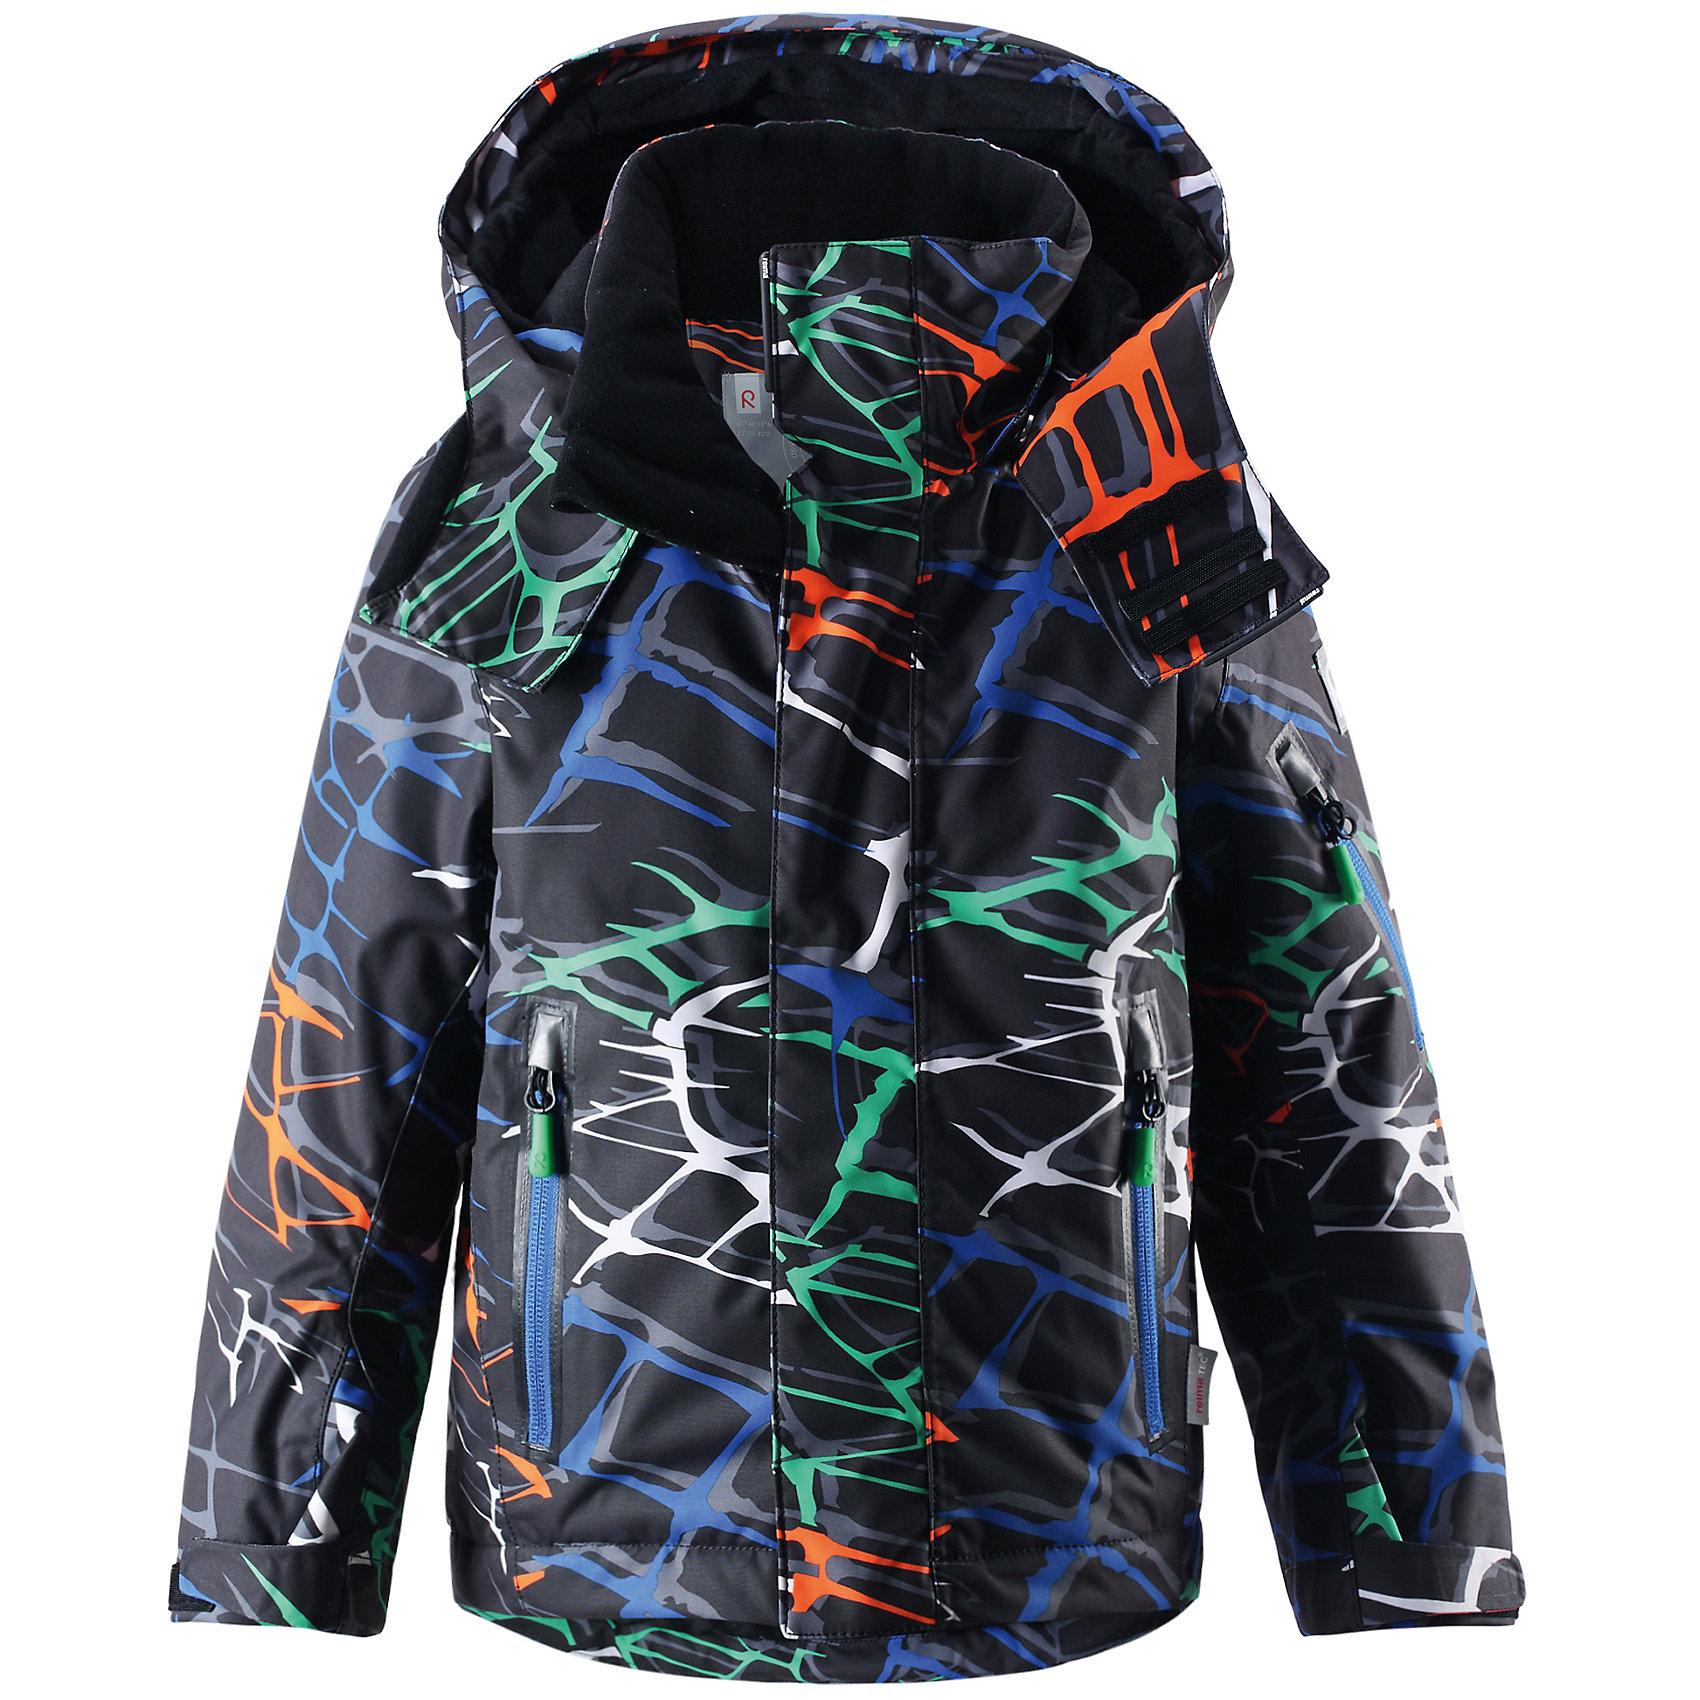 Куртка для мальчика ReimaЭта водонепроницаемая зимняя куртка Reimatec® с красочным звериным принтом и большим количеством функциональных деталей идеально подходит для катания на склонах! Модные водо- и ветронепроницаемые костюмы подходят для любого вида зимнего отдыха, в любую погоду. Проклеенные швы и дышащий материал не позволят ребенку замерзнуть или вспотеть во время катания на склонах. Благодаря гладкой подкладке из полиэстера, куртка легко надевается и позволяет пристегивать теплый промежуточный слой. Регулируемые манжеты и подол куртки обеспечивают отличную посадку. Предотвращает попадание снега. При необходимости, подкладку можно отстегнуть. На рукаве имеется специальный карман для карточки лыжного клуба, а для остальных мелочей предусмотрен карман на груди, а также карманы на молнии. Съемный регулируемый капюшон обеспечивает безопасность во время игр на улице, легко снимается. Кроме того, на капюшоне имеется клапан для защиты от ветра и козырек. А завершают стильную зимнюю куртку двусторонние молнии на карманах, улучшенная структура которых не позволяет молниям застревать! Куртка проста в уходе, можно сушить в центрифуге.<br><br>Дополнительная информация:<br><br>Температурный режим: до -20<br>Средняя степень утепления: 140г<br>Водонепроницаемая зимняя куртка для детей постарше, модель для мальчиков<br>Все швы проклеены, водонепроницаемы<br>Безопасный съемный регулируемый капюшон<br>Карманы на молнии, на рукаве карман для карты лыжного клуба<br>Регулируемые манжеты и внутренние манжеты из лайкры<br>Новая усовершенствованная структура молнии - молния больше не заклинит!<br>Блокировка от снега на талии<br>Регулируемый подол<br><br>Куртку от популярного финского бренда Reima (Рейма) можно купить в нашем магазине.<br><br>Ширина мм: 356<br>Глубина мм: 10<br>Высота мм: 245<br>Вес г: 519<br>Цвет: черный<br>Возраст от месяцев: 18<br>Возраст до месяцев: 24<br>Пол: Мужской<br>Возраст: Детский<br>Размер: 116,104,110,122,92,128,98<br>SKU: 4417331